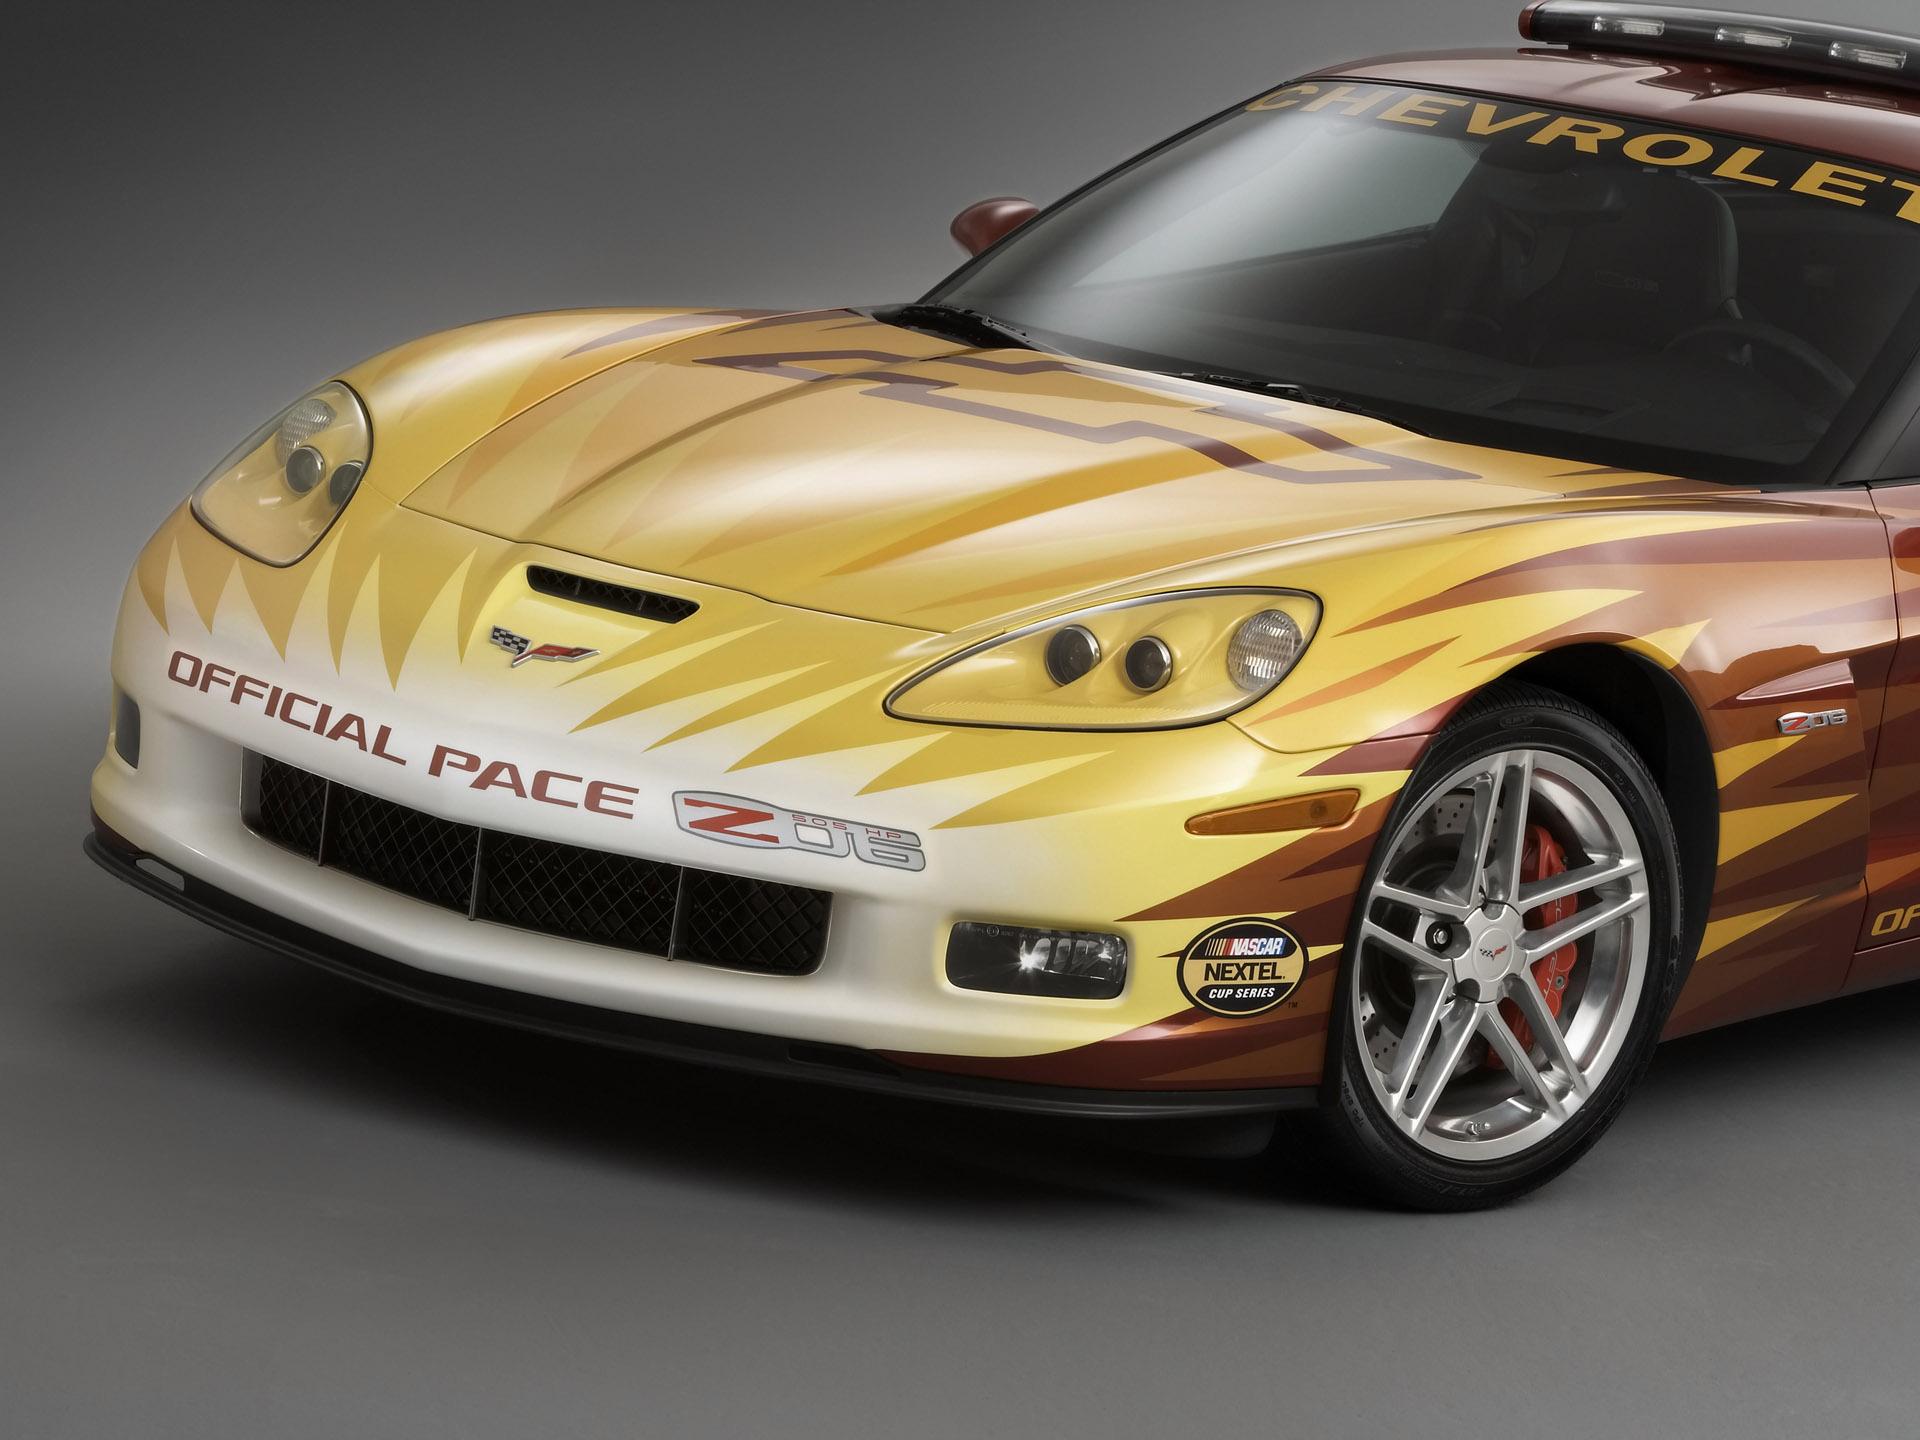 Fondos Gratis - Fondos Autos - Chevrolet Corvette Z06